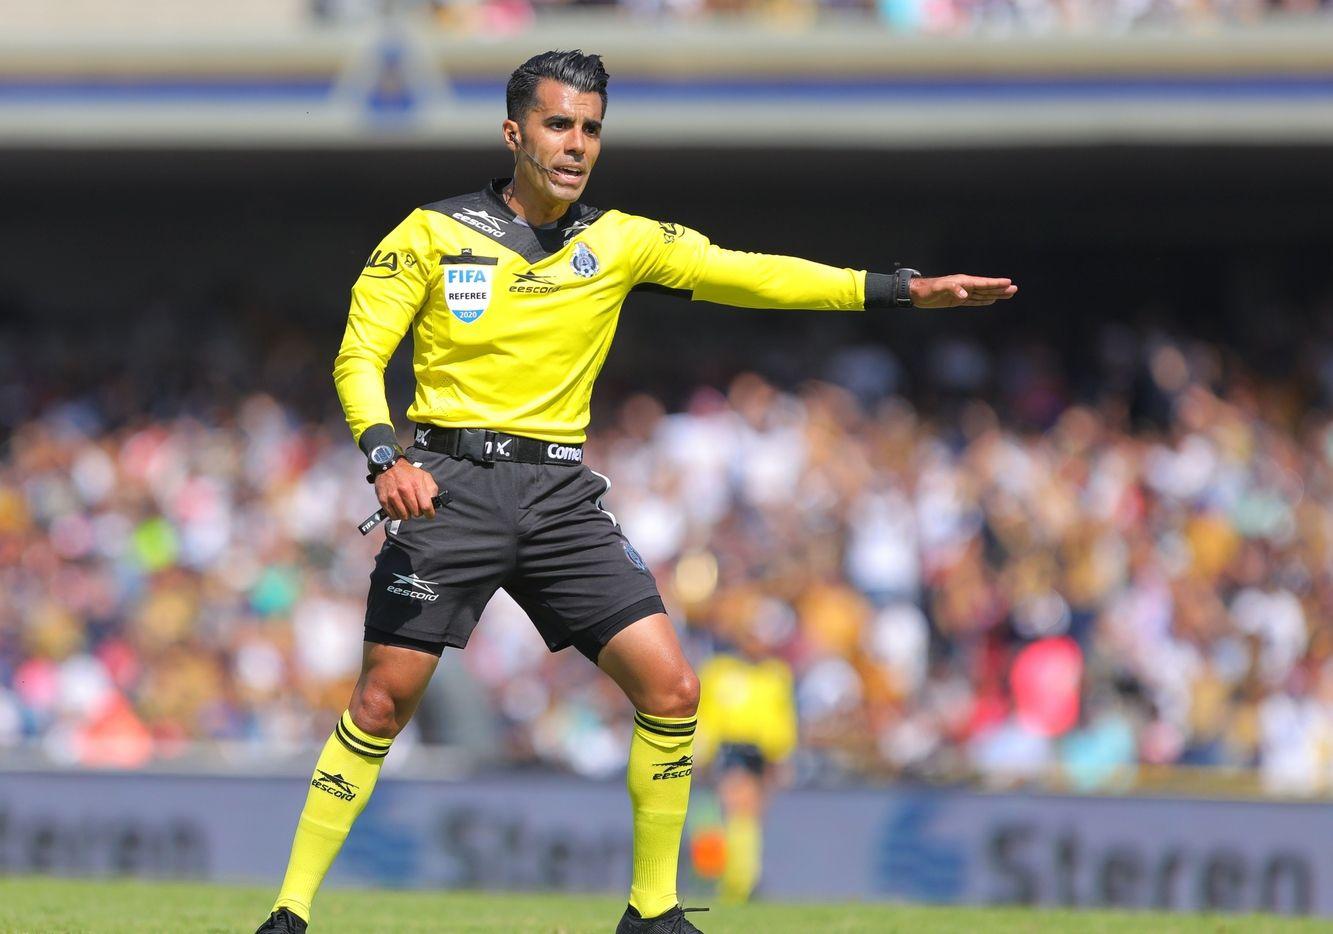 Por tener el gafete FIFA, el árbitro de la Primera División en Mexico, Adonaí Escobedo, tiene un sueldo asegurado de 1,500 al mes.